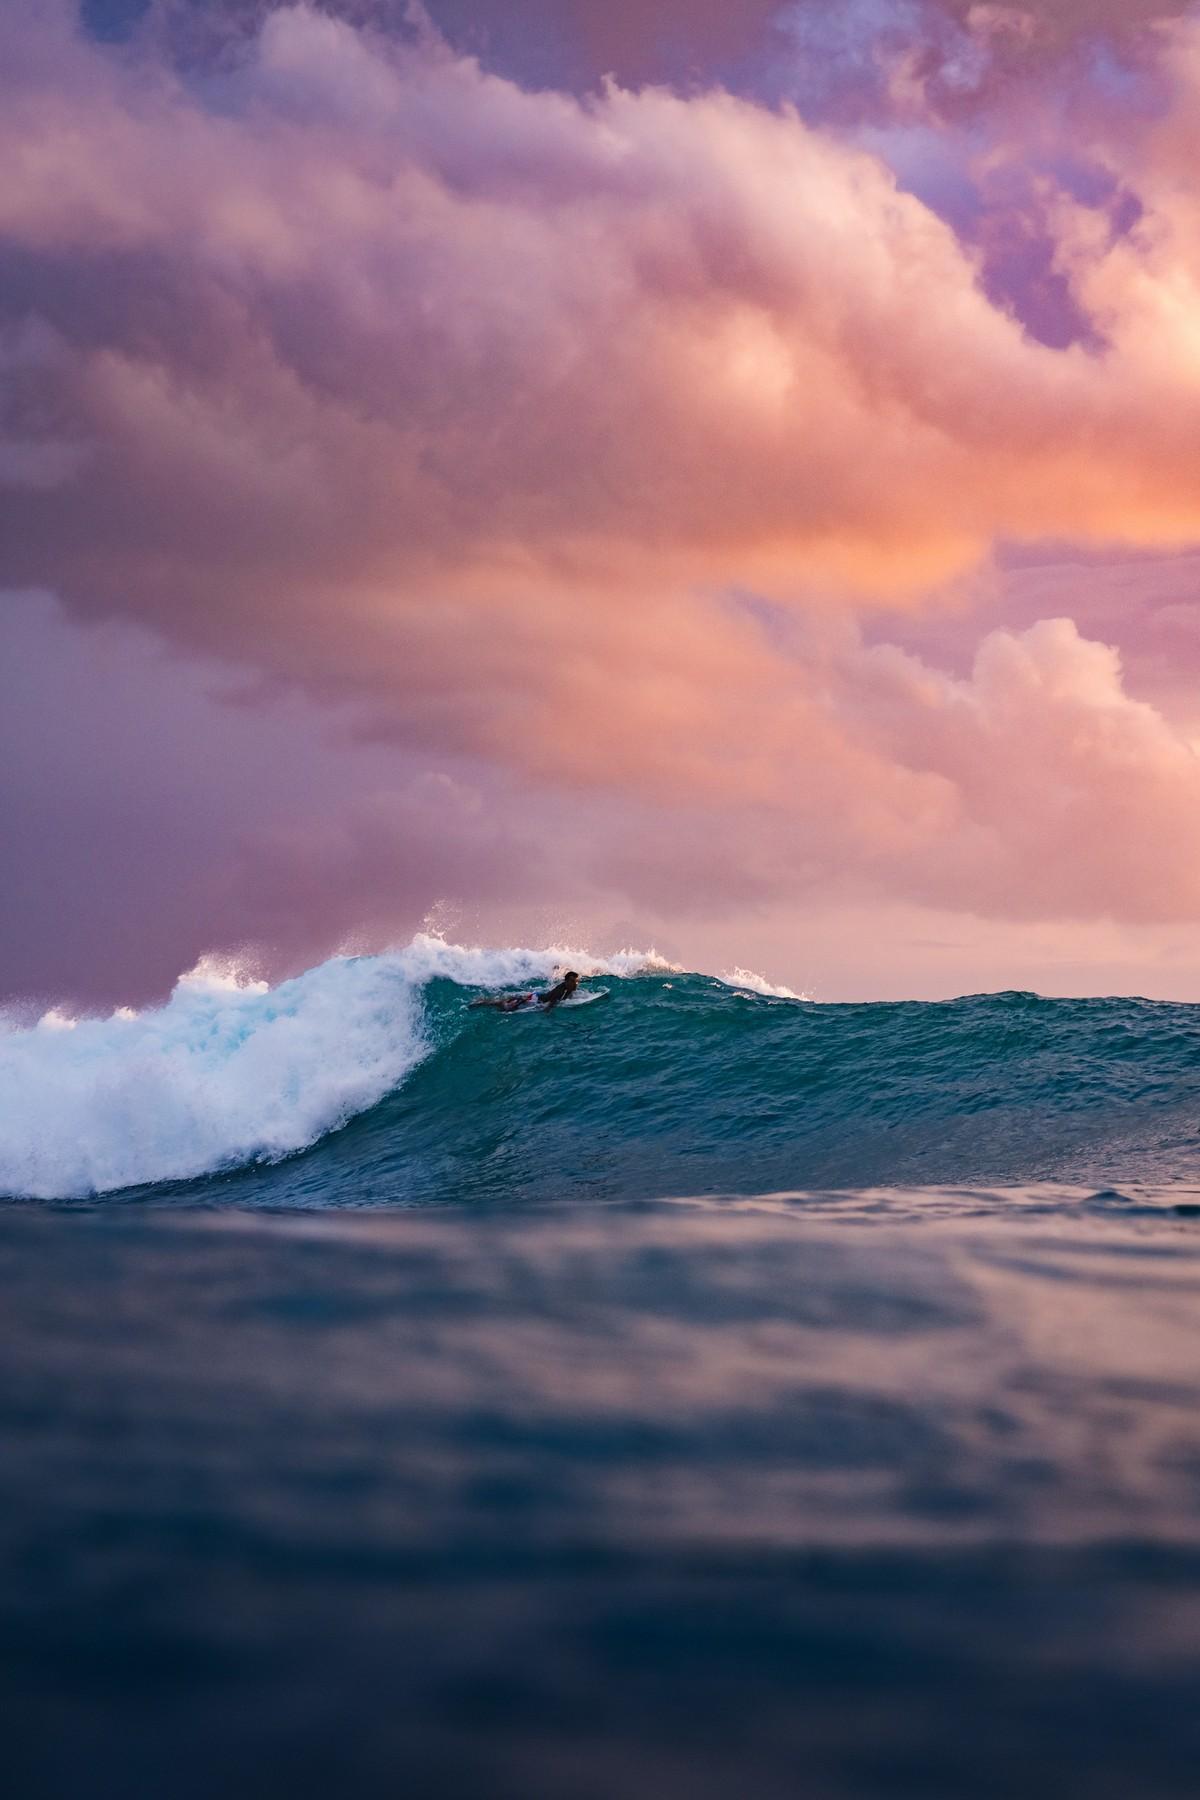 Солнце, волны и серфинг на снимках Калле Лундхольма